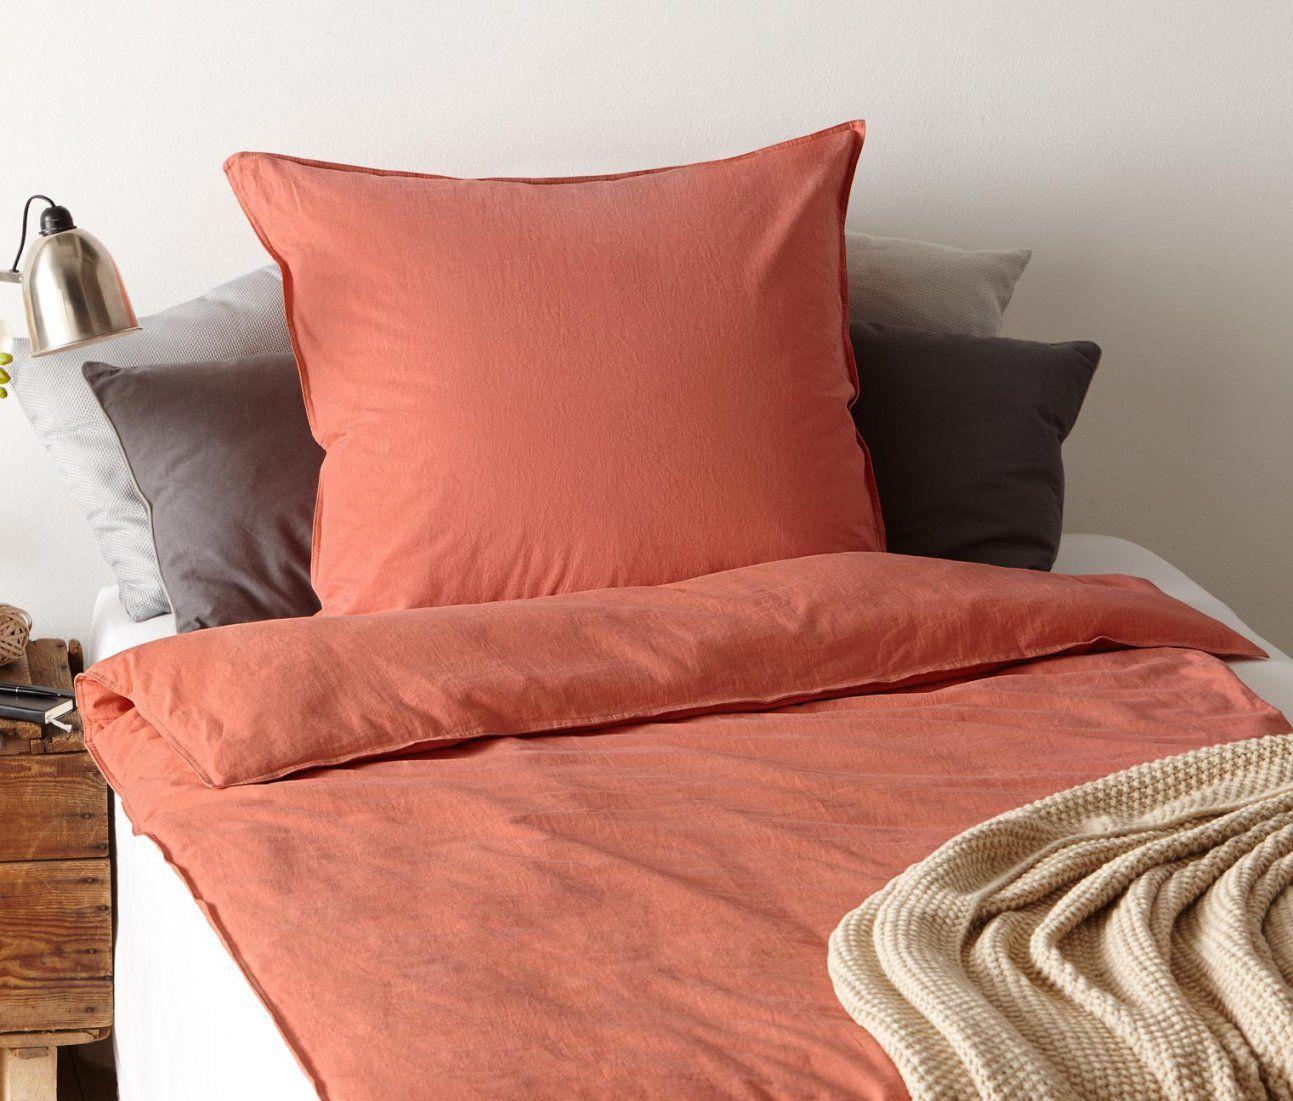 Bettwäsche Normalgröße Online Bestellen Bei Tchibo 314416 von Normale Bettwäsche Maße Photo